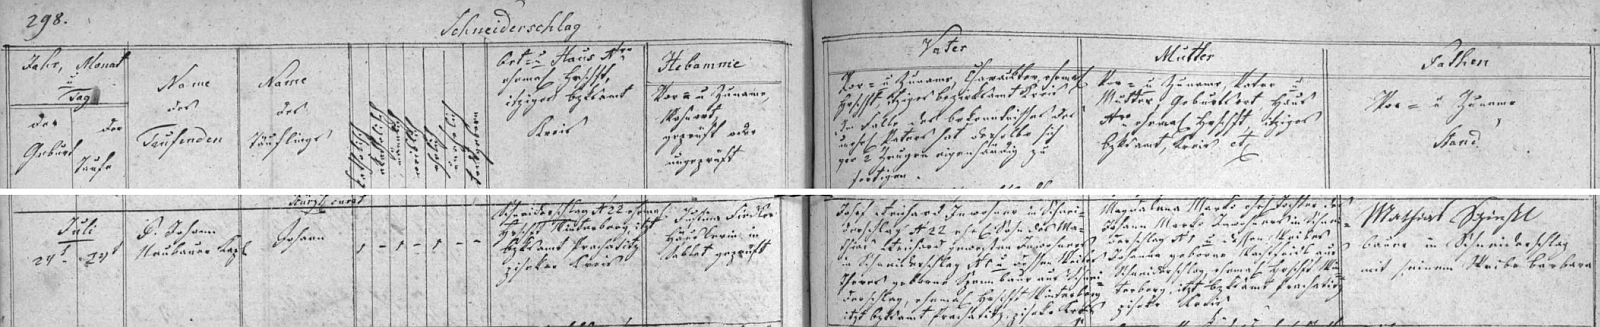 Záznam o narození otcově v záblatské křestní matrice